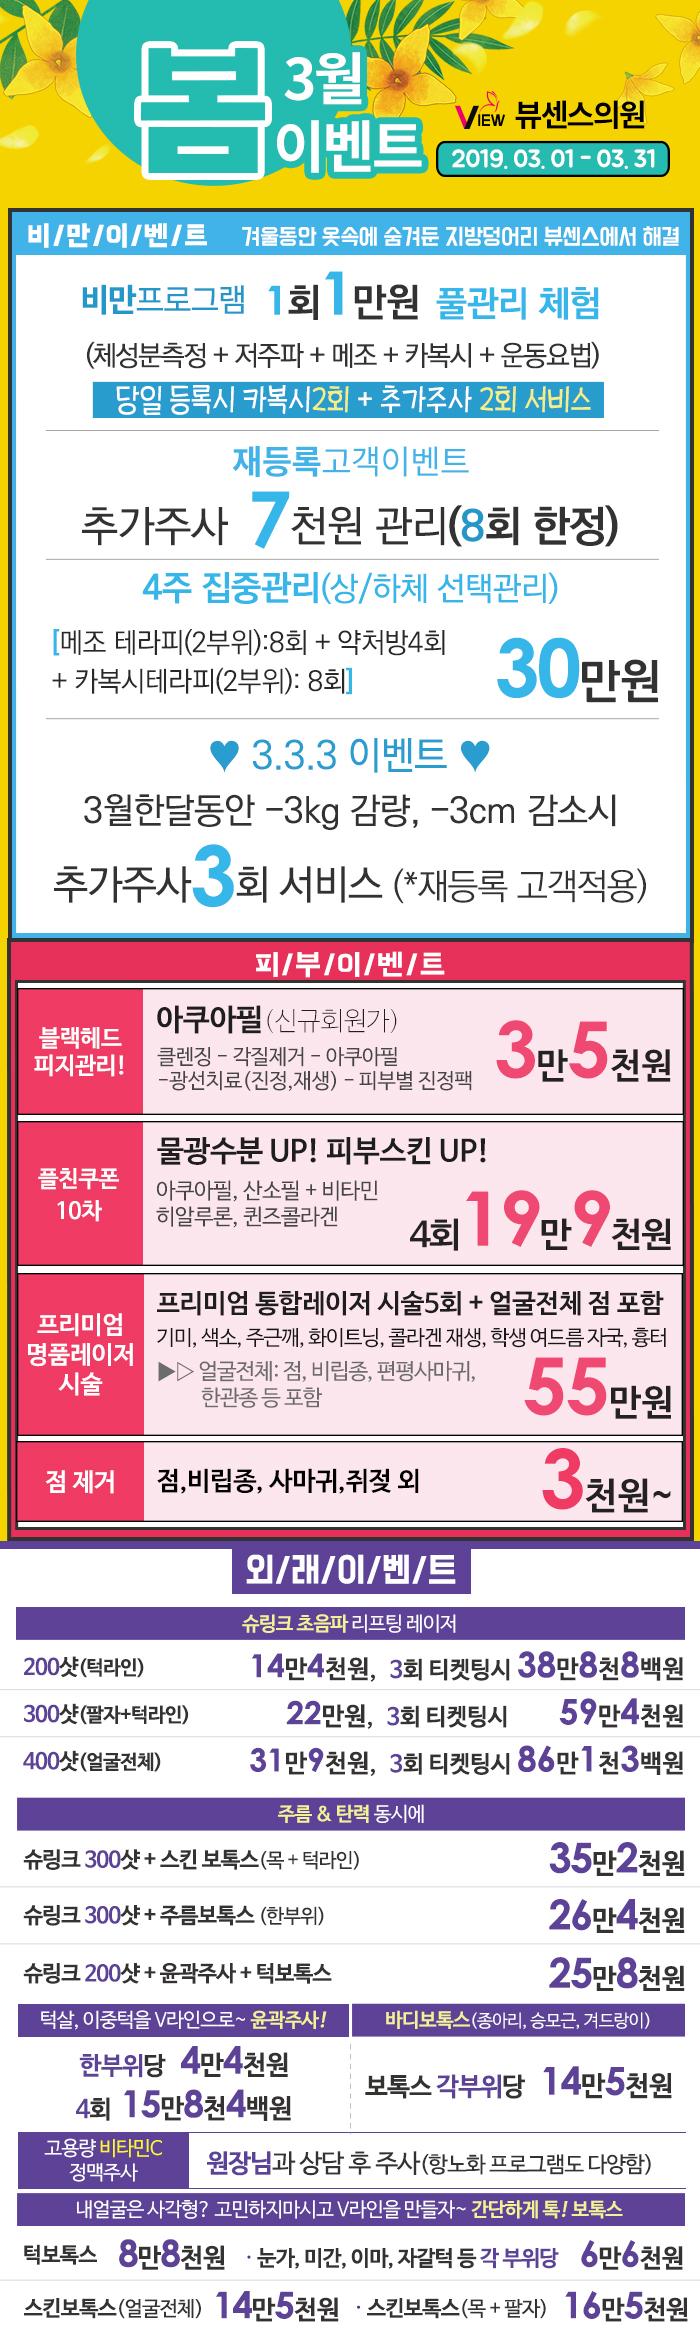 해운대_3월 이벤트 페이지.jpg